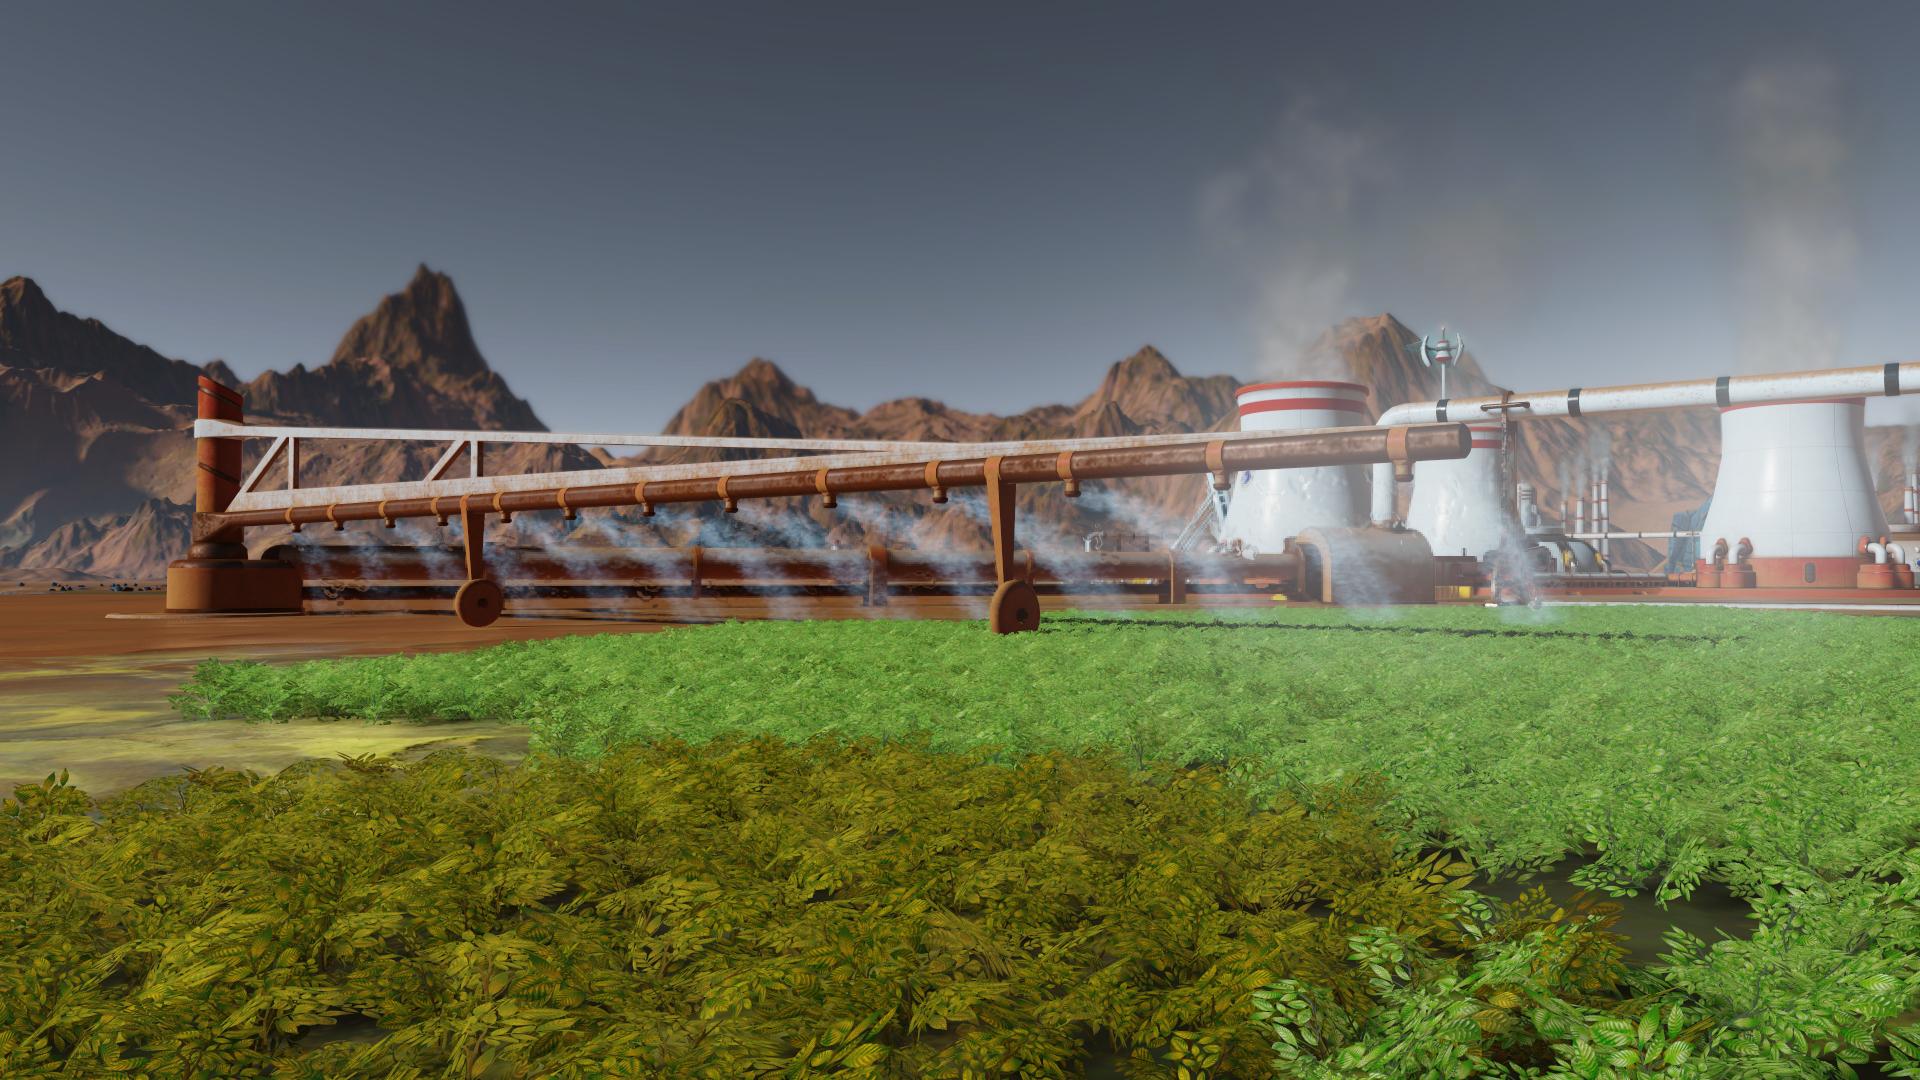 АНОНСИРОВАНО НОВОЕ ПЛАТНОЕ ДОПОЛНЕНИЕ GREEN PLANET ДЛЯ SURVIVING MARS